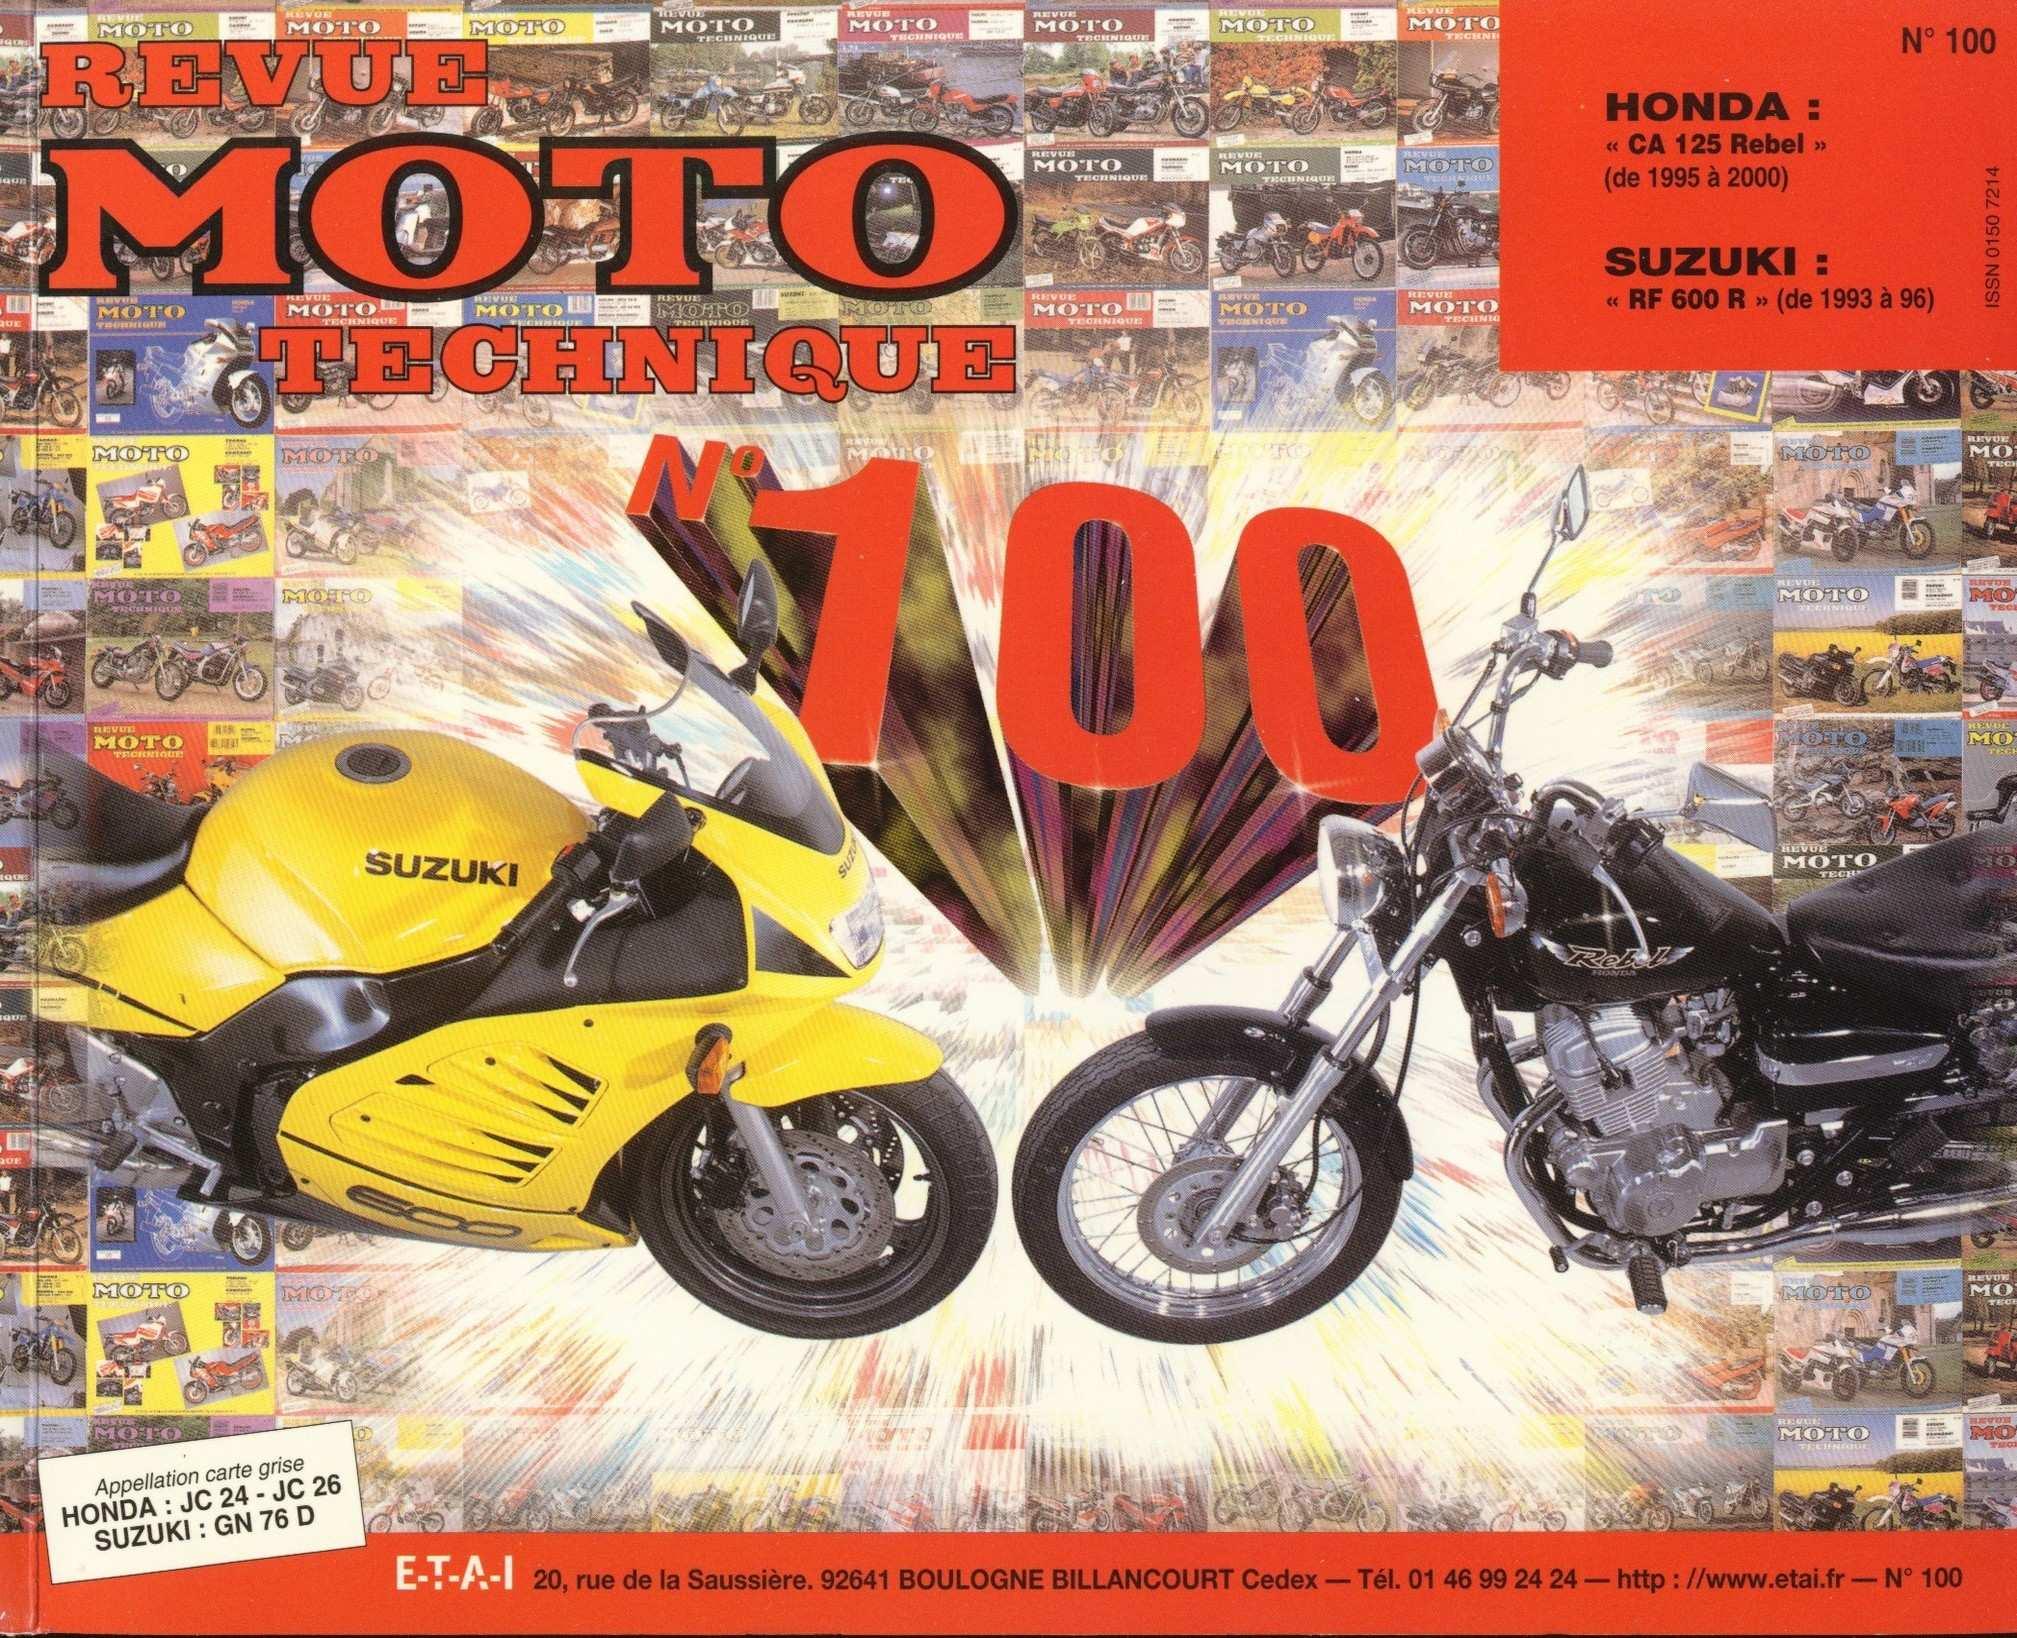 Revue moto technique - no. 100 CA125S Rebel JC24 (1995) (French)